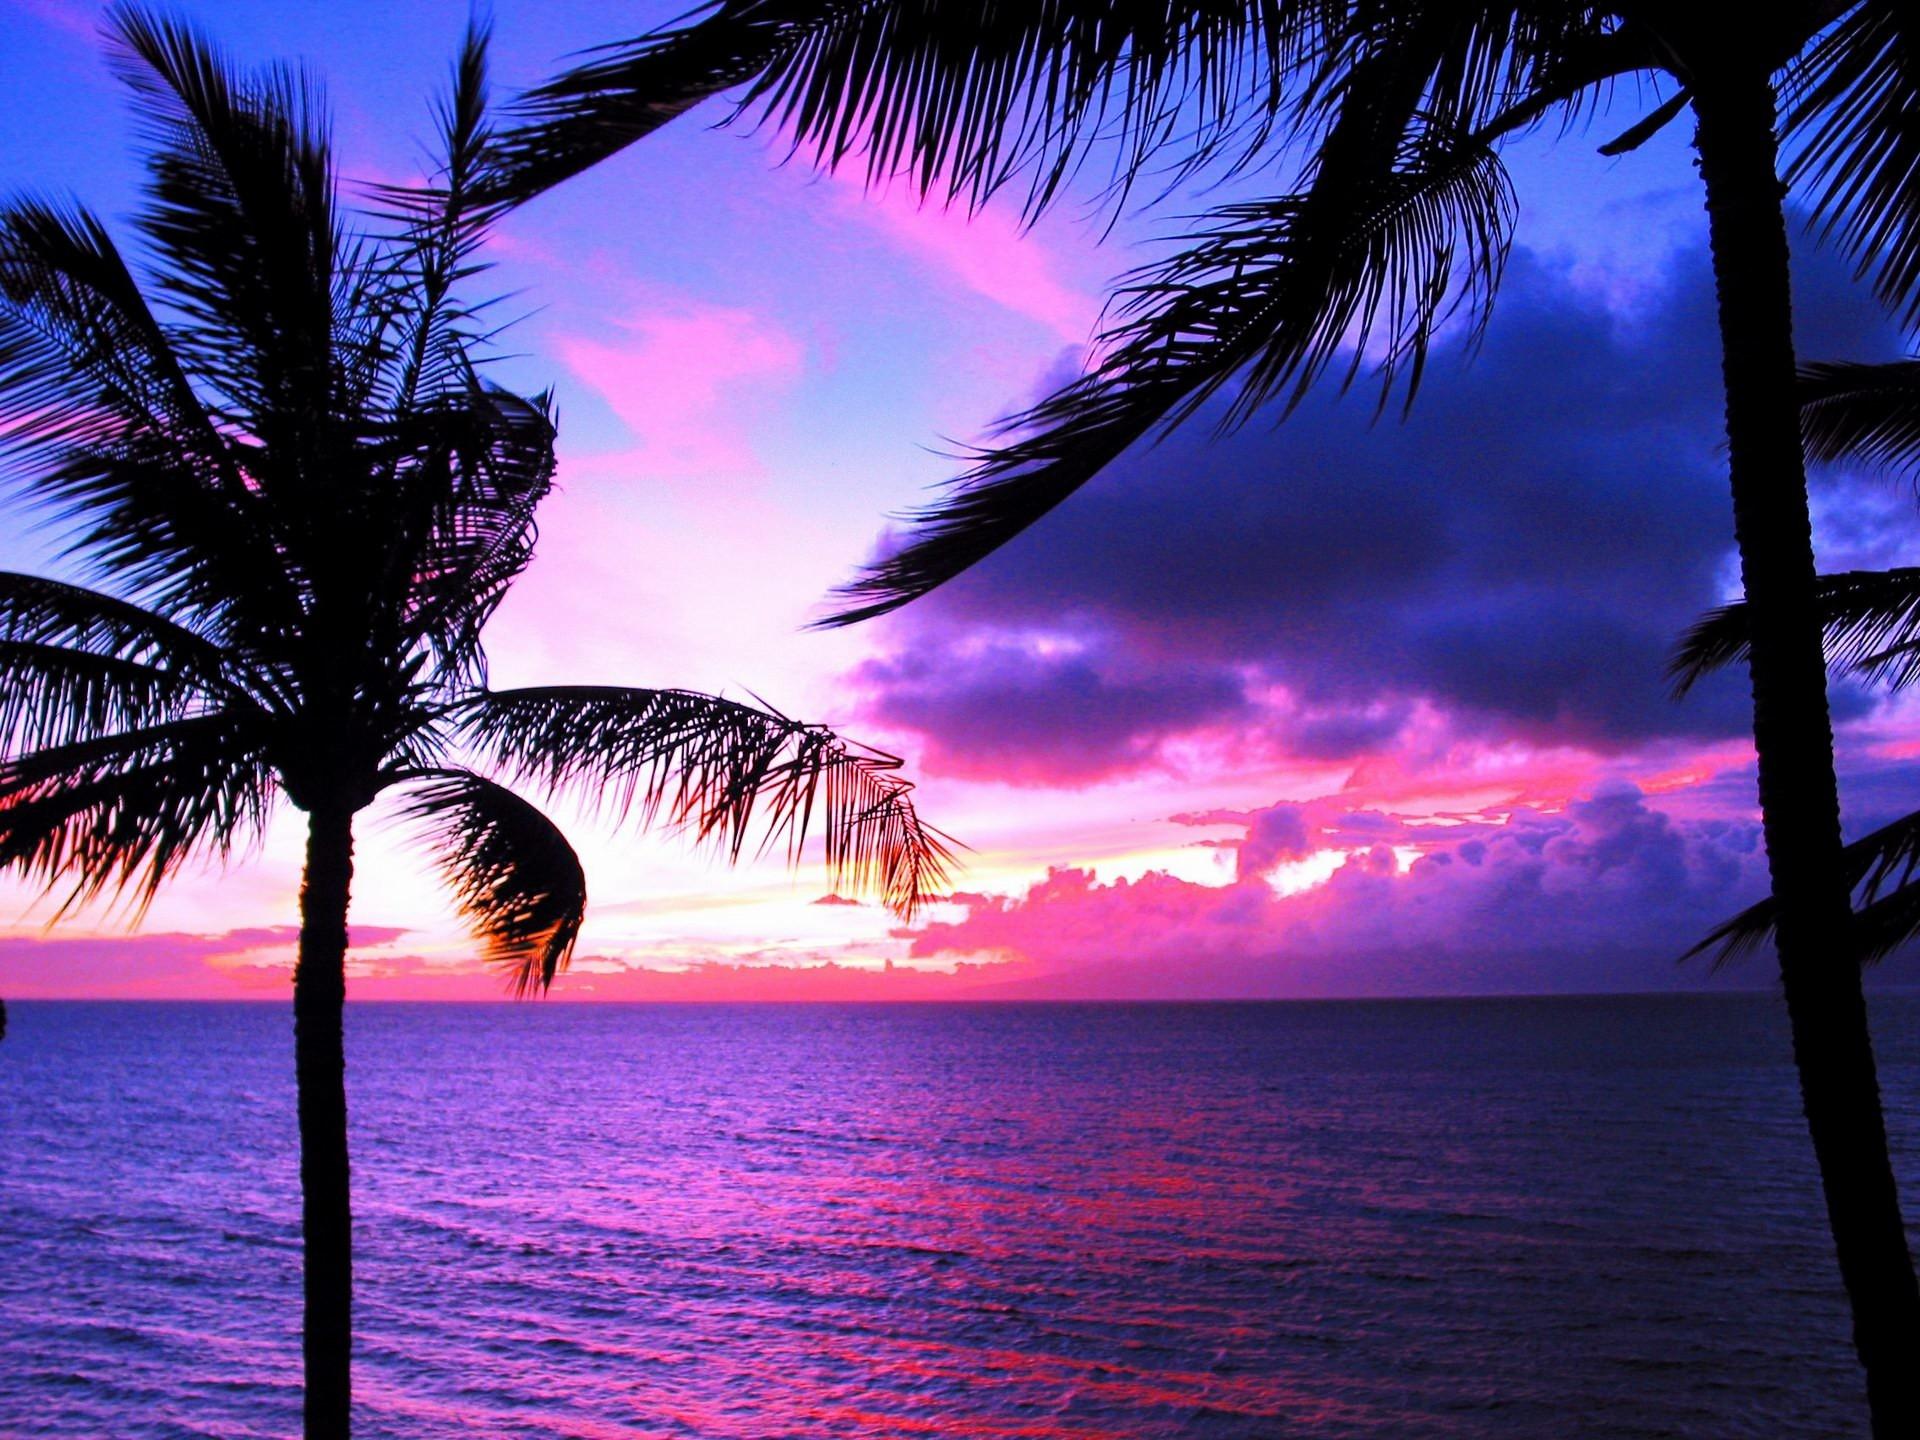 Hawaii-Sunset-Wallpaper-Desktop-.jpg (1920×1440)